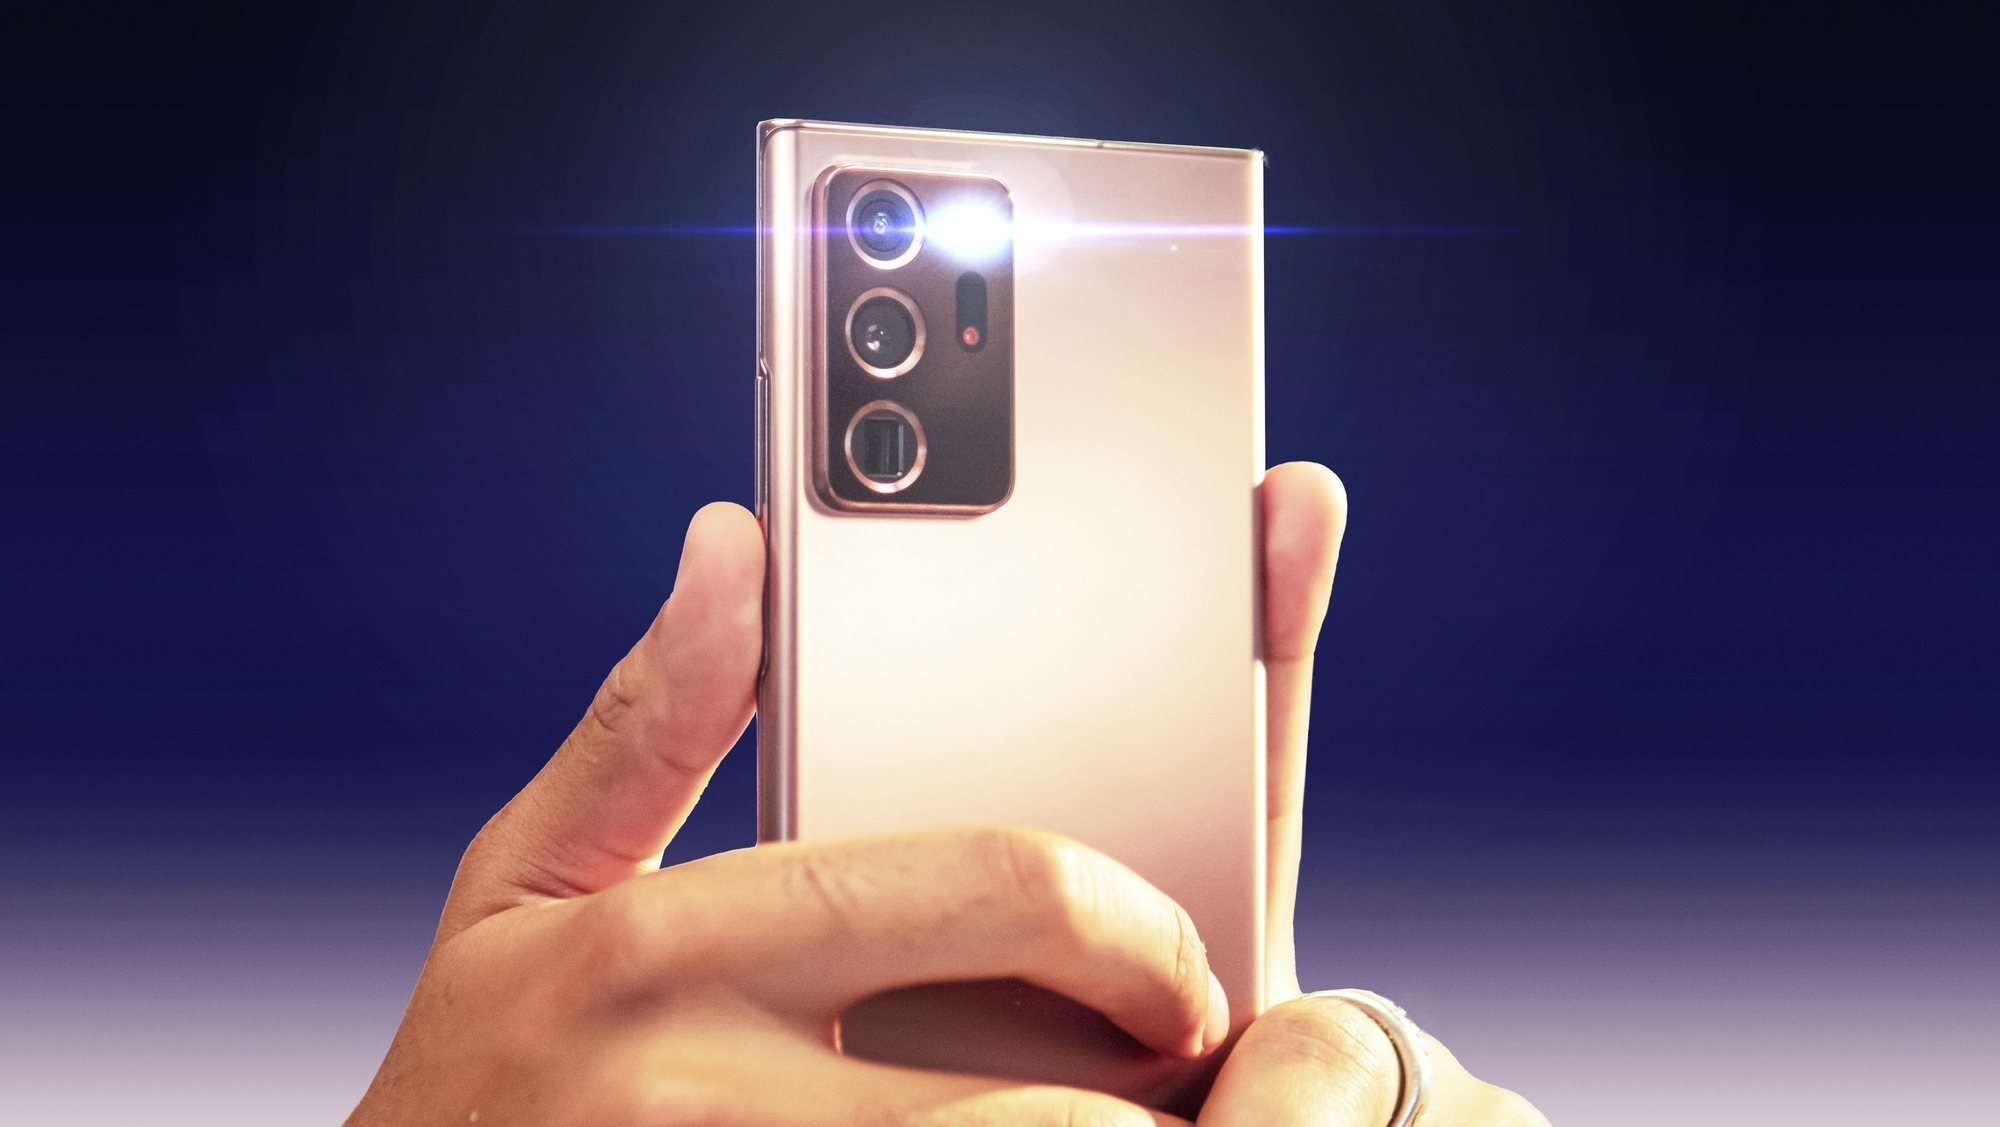 Prendre des photos avec le flash de son smartphone: quand et comment l'utiliser?